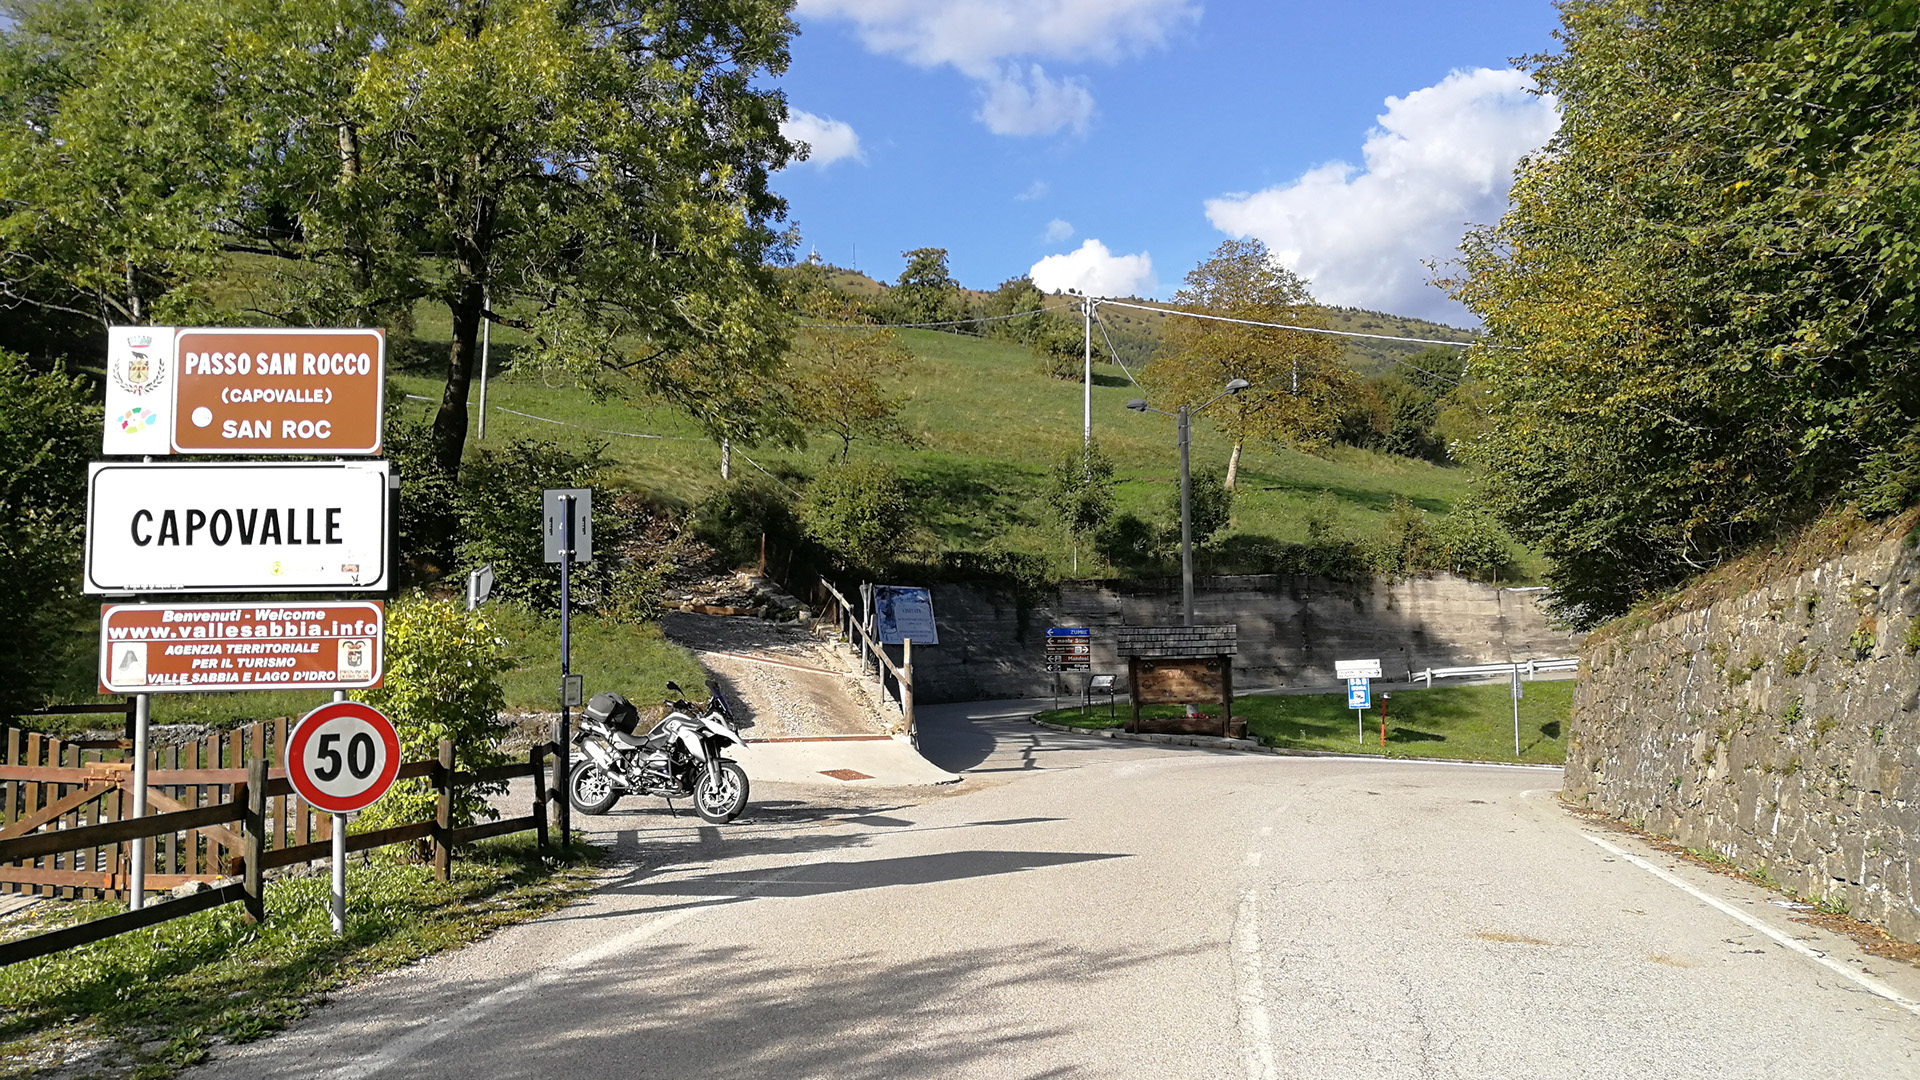 0941 - I - Passo San Rocco